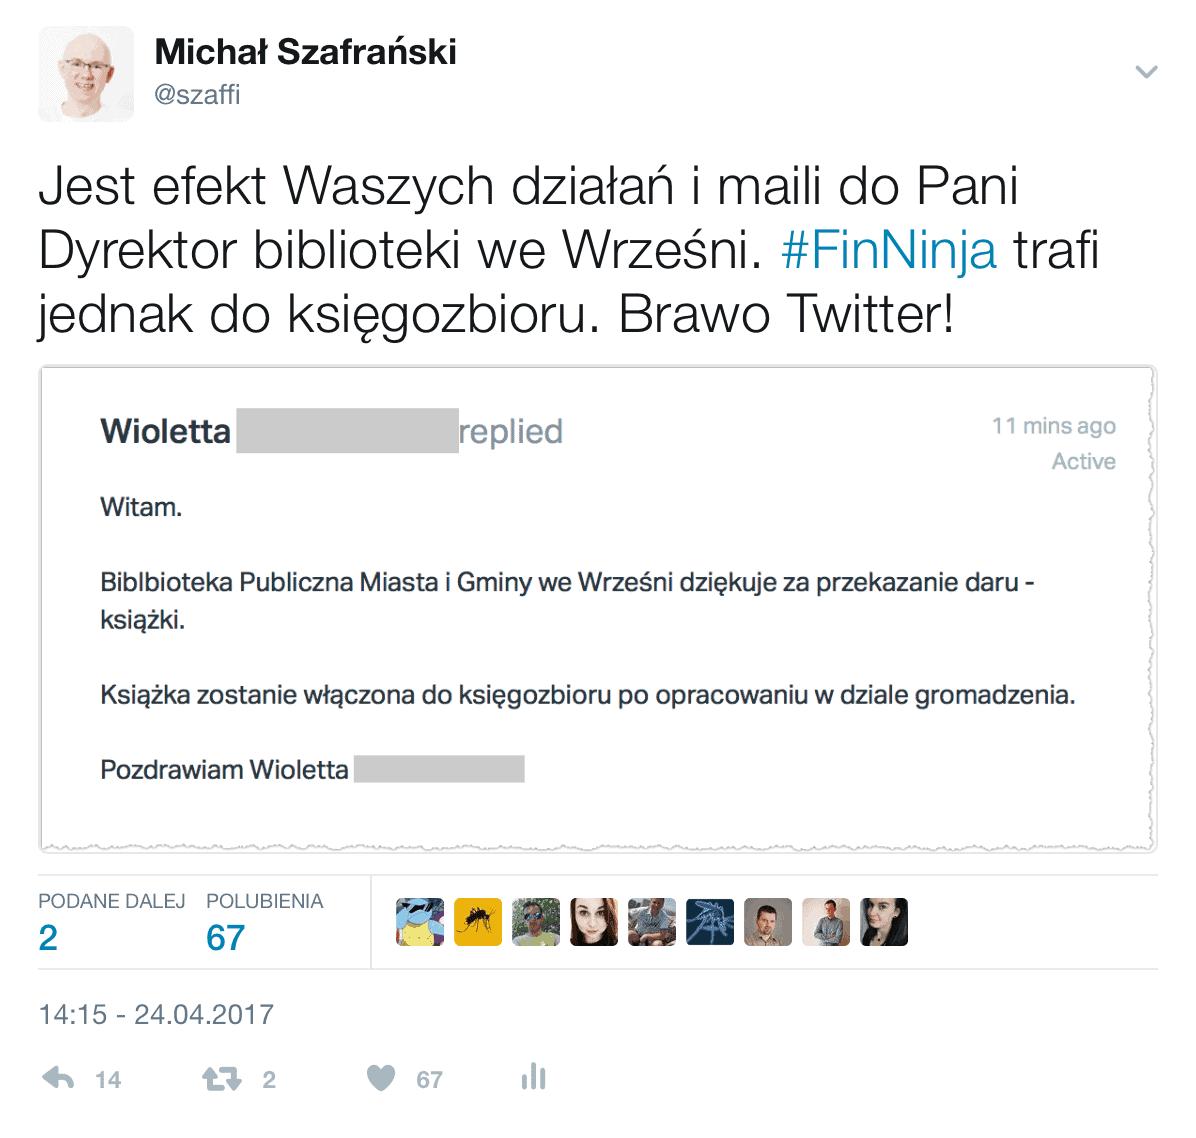 8-tweet